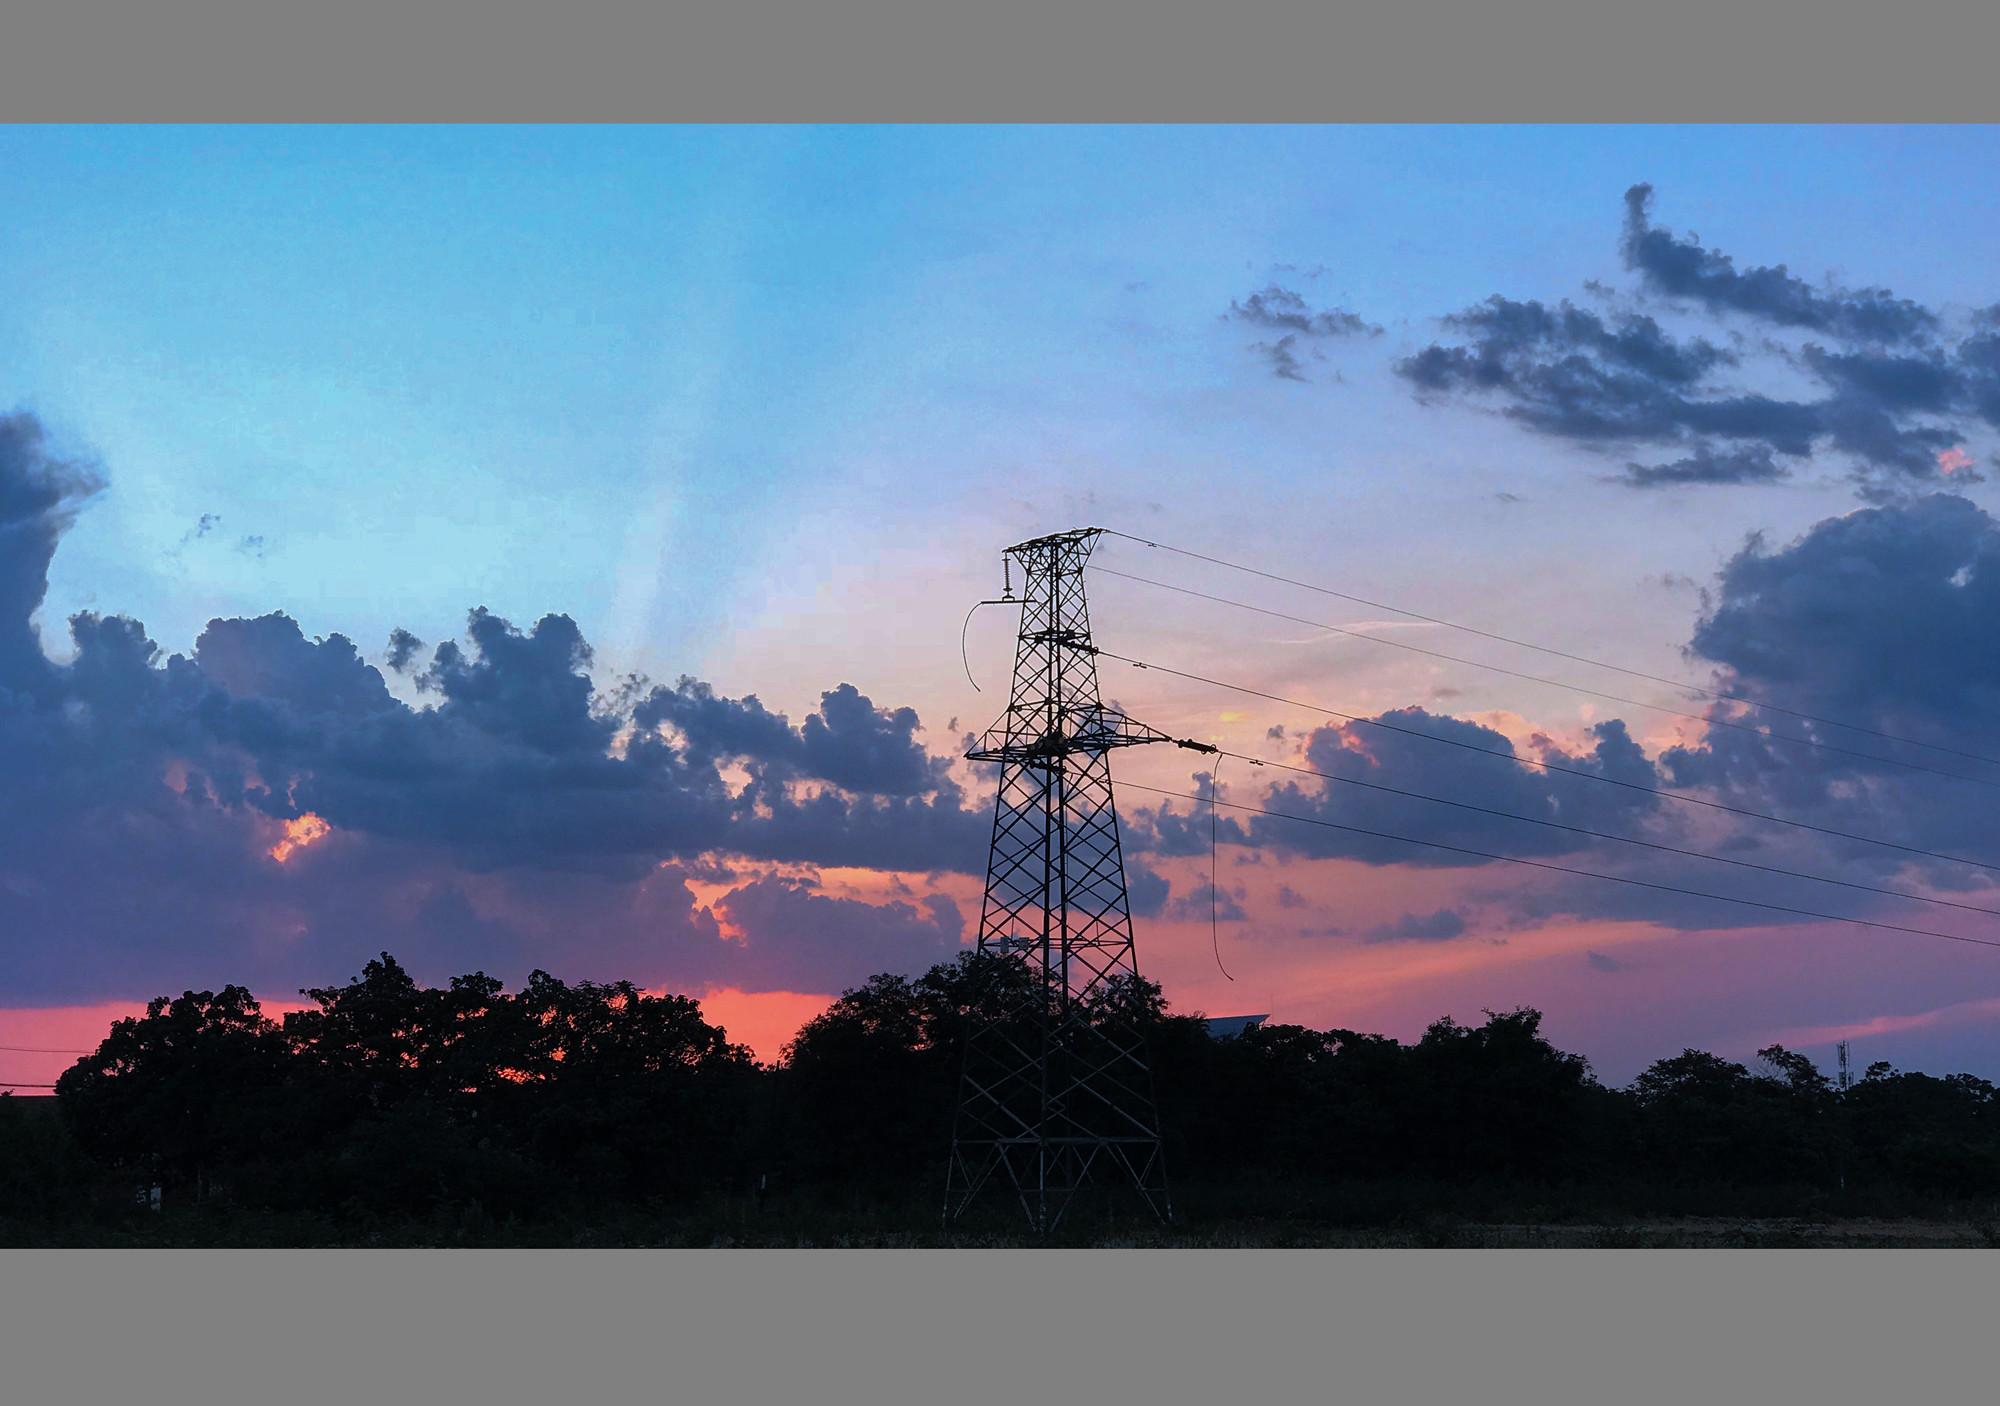 羽佳518作品:手机片--夕阳